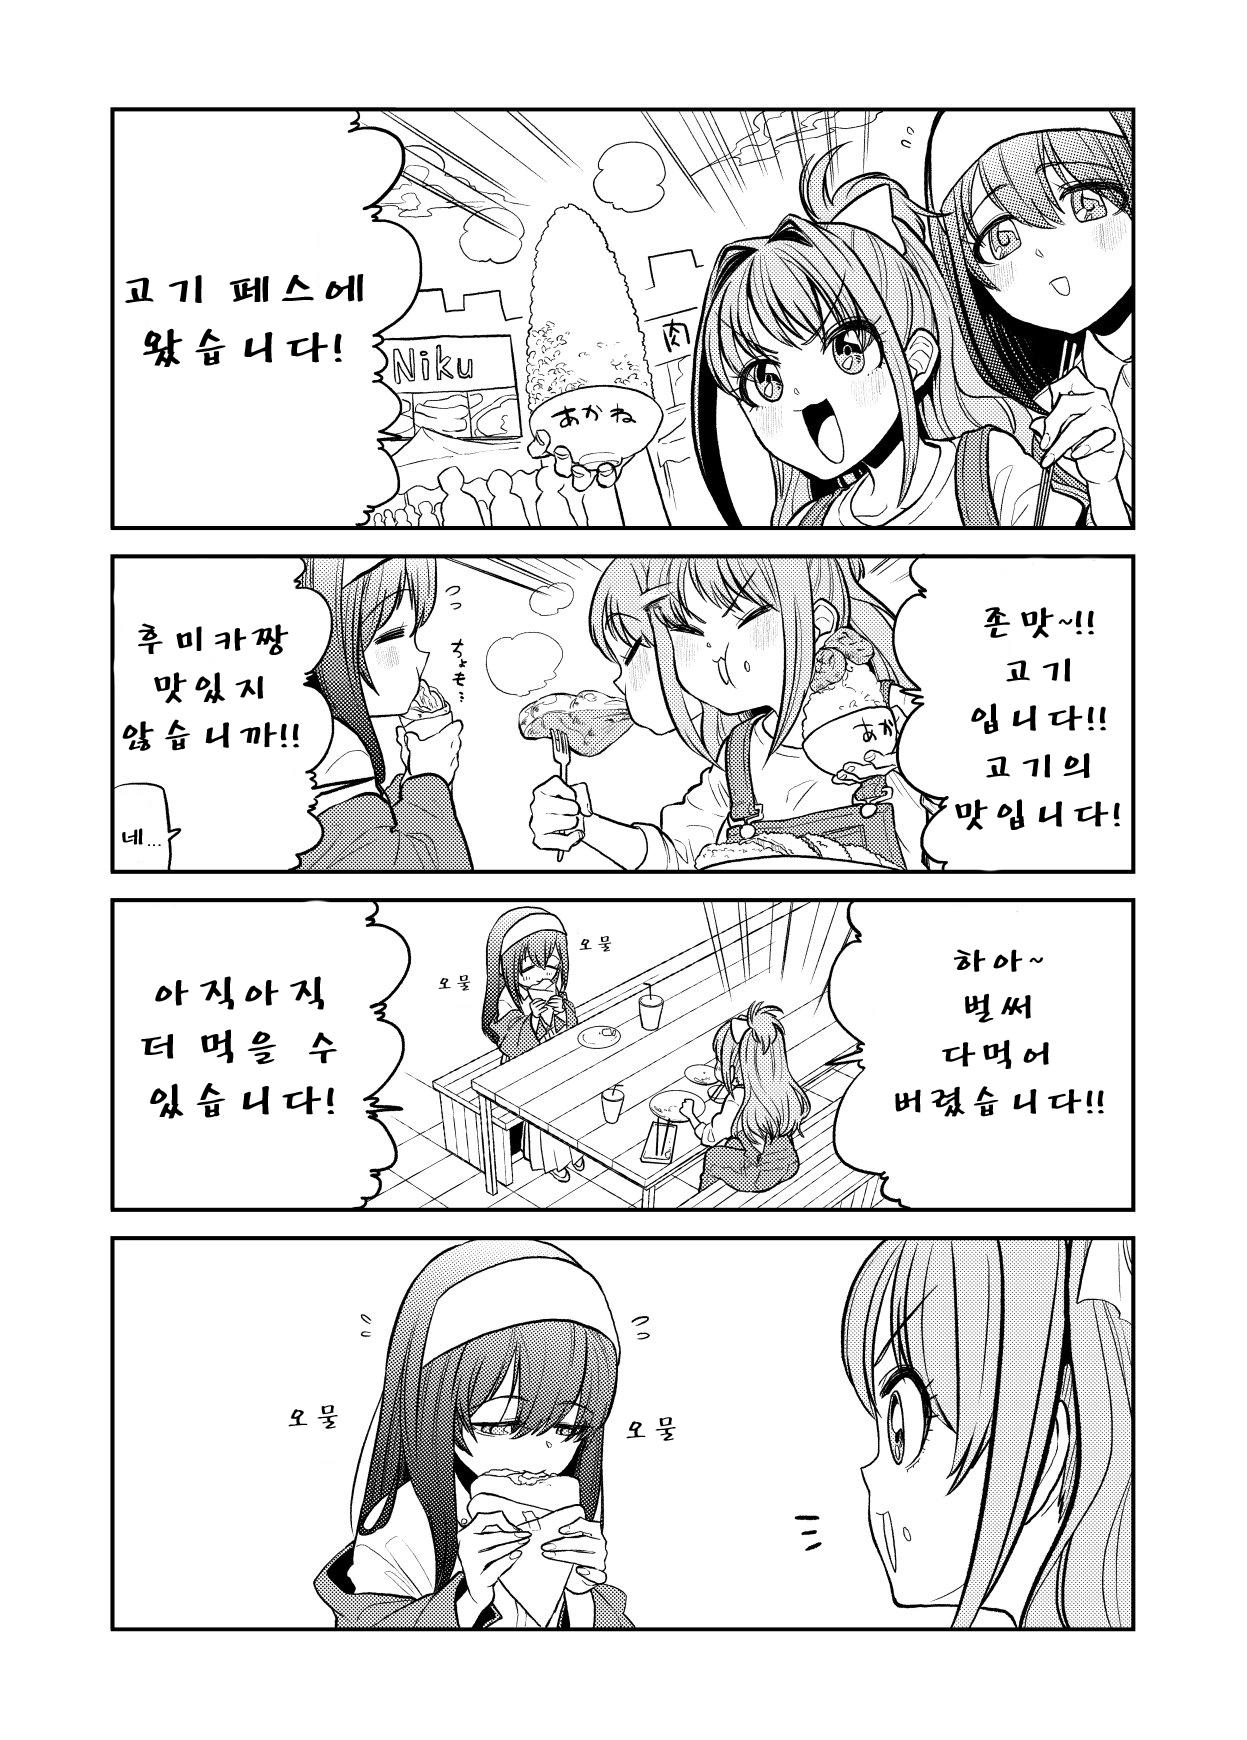 [신데]후미아카 만화